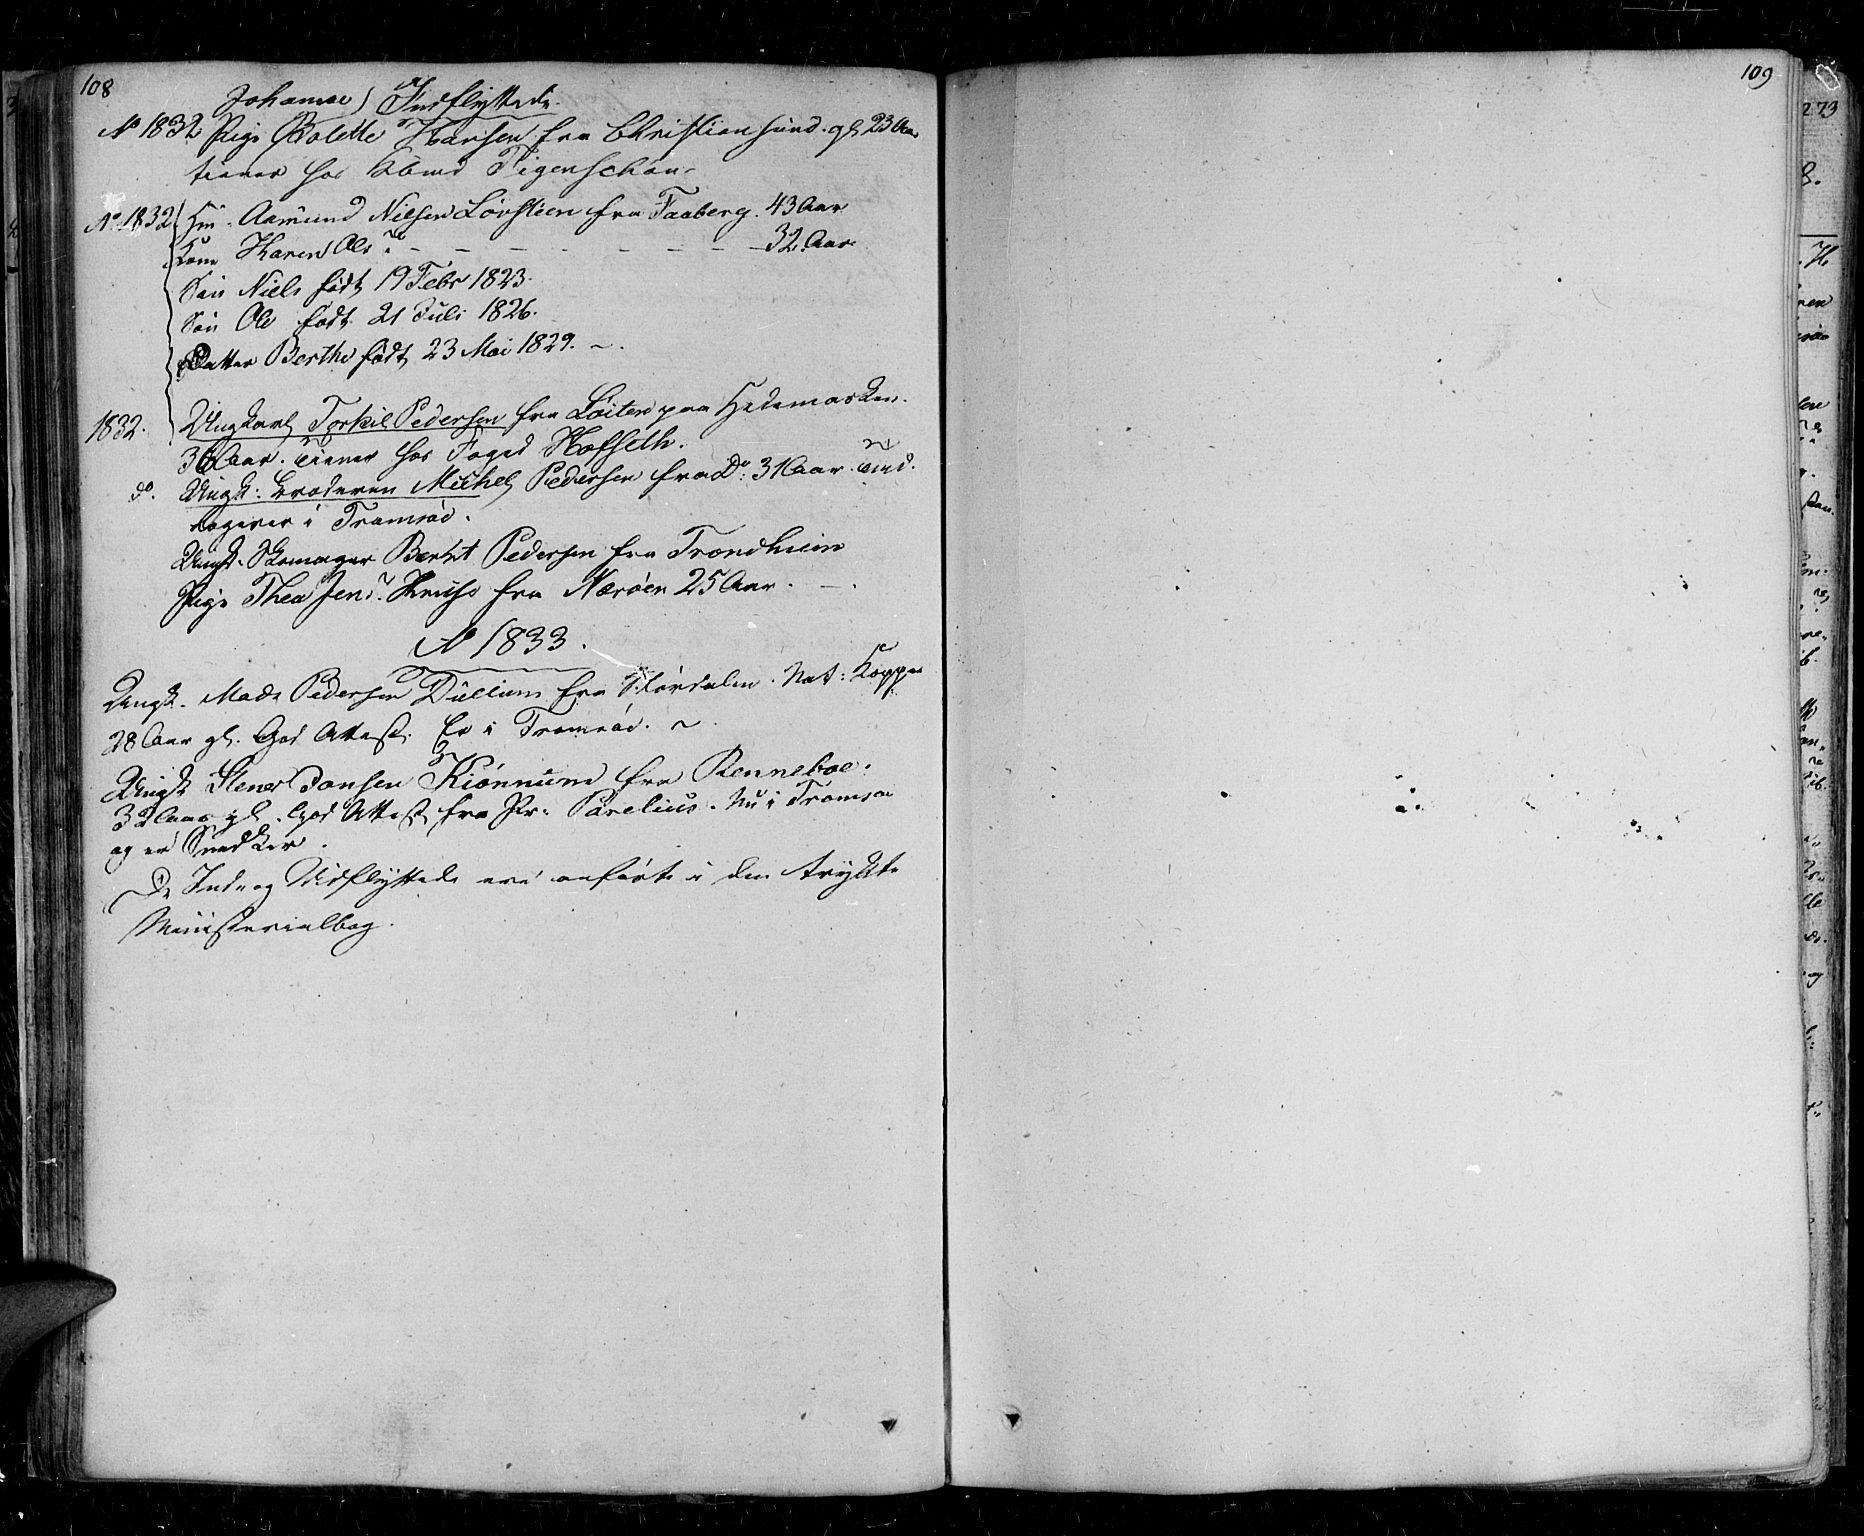 SATØ, Tromsø sokneprestkontor/stiftsprosti/domprosti, G/Ga/L0008kirke: Ministerialbok nr. 8, 1829-1837, s. 108-109